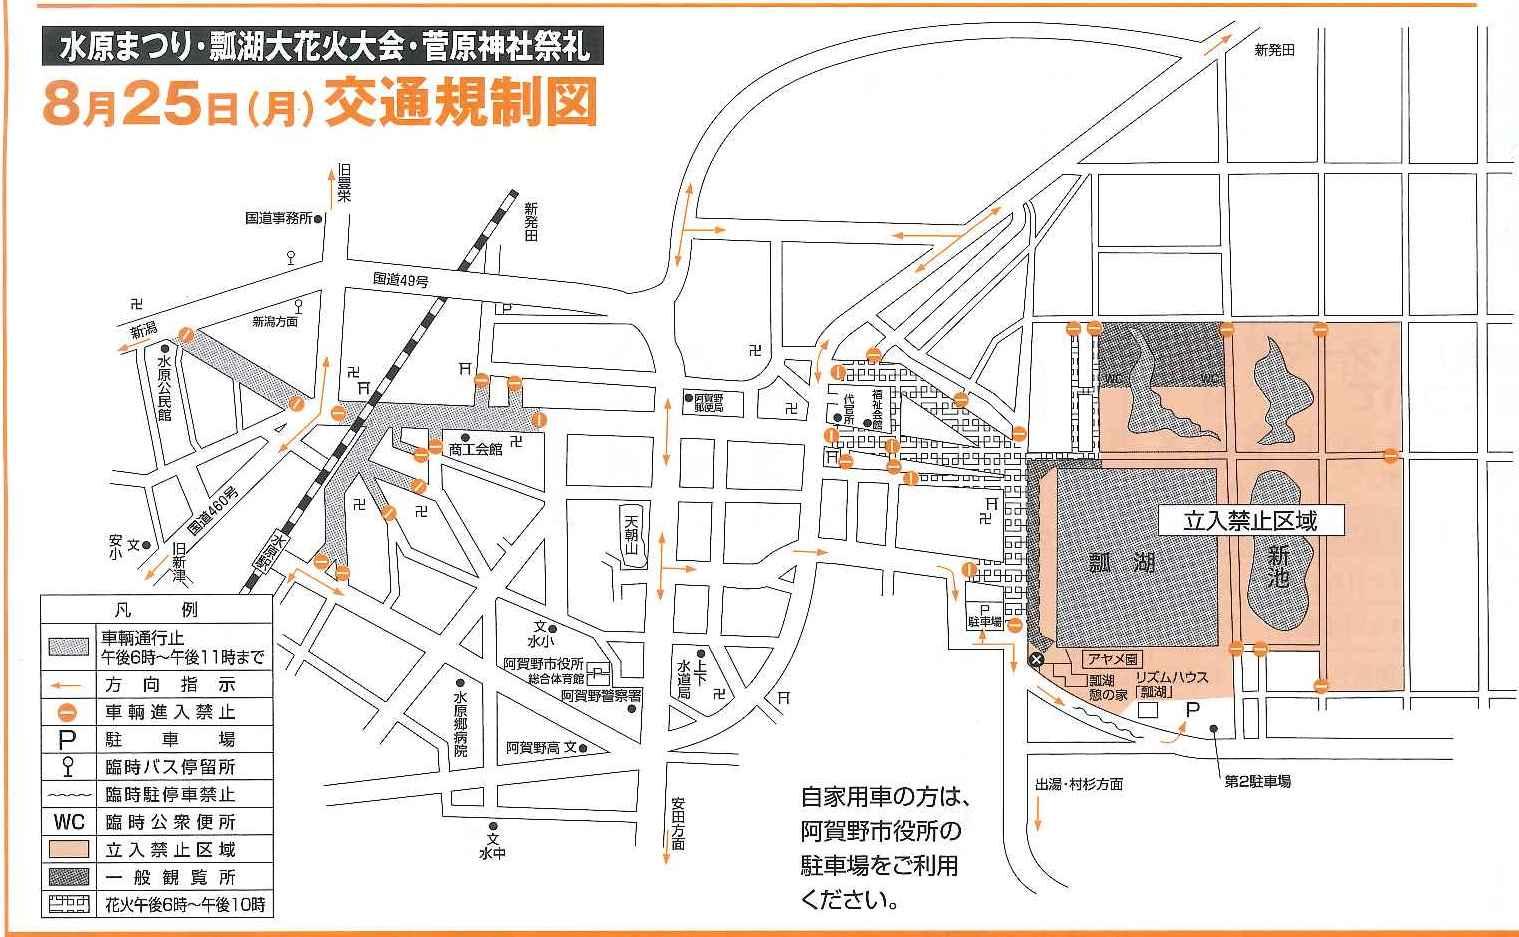 8.25水原まつり交通規制